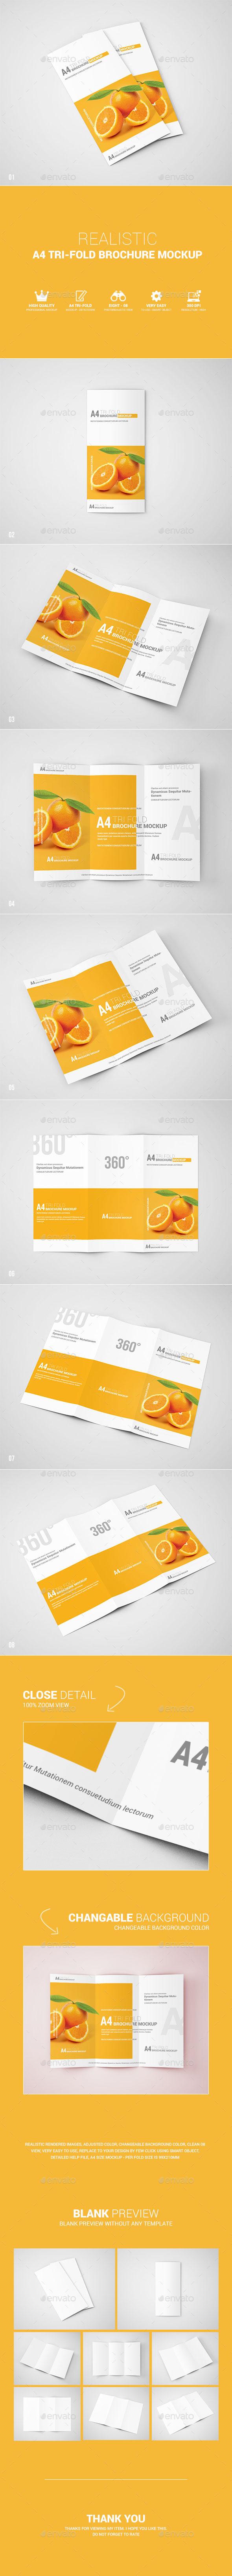 GraphicRiver A4 Tri-Fold Brochure Mockup 11292562